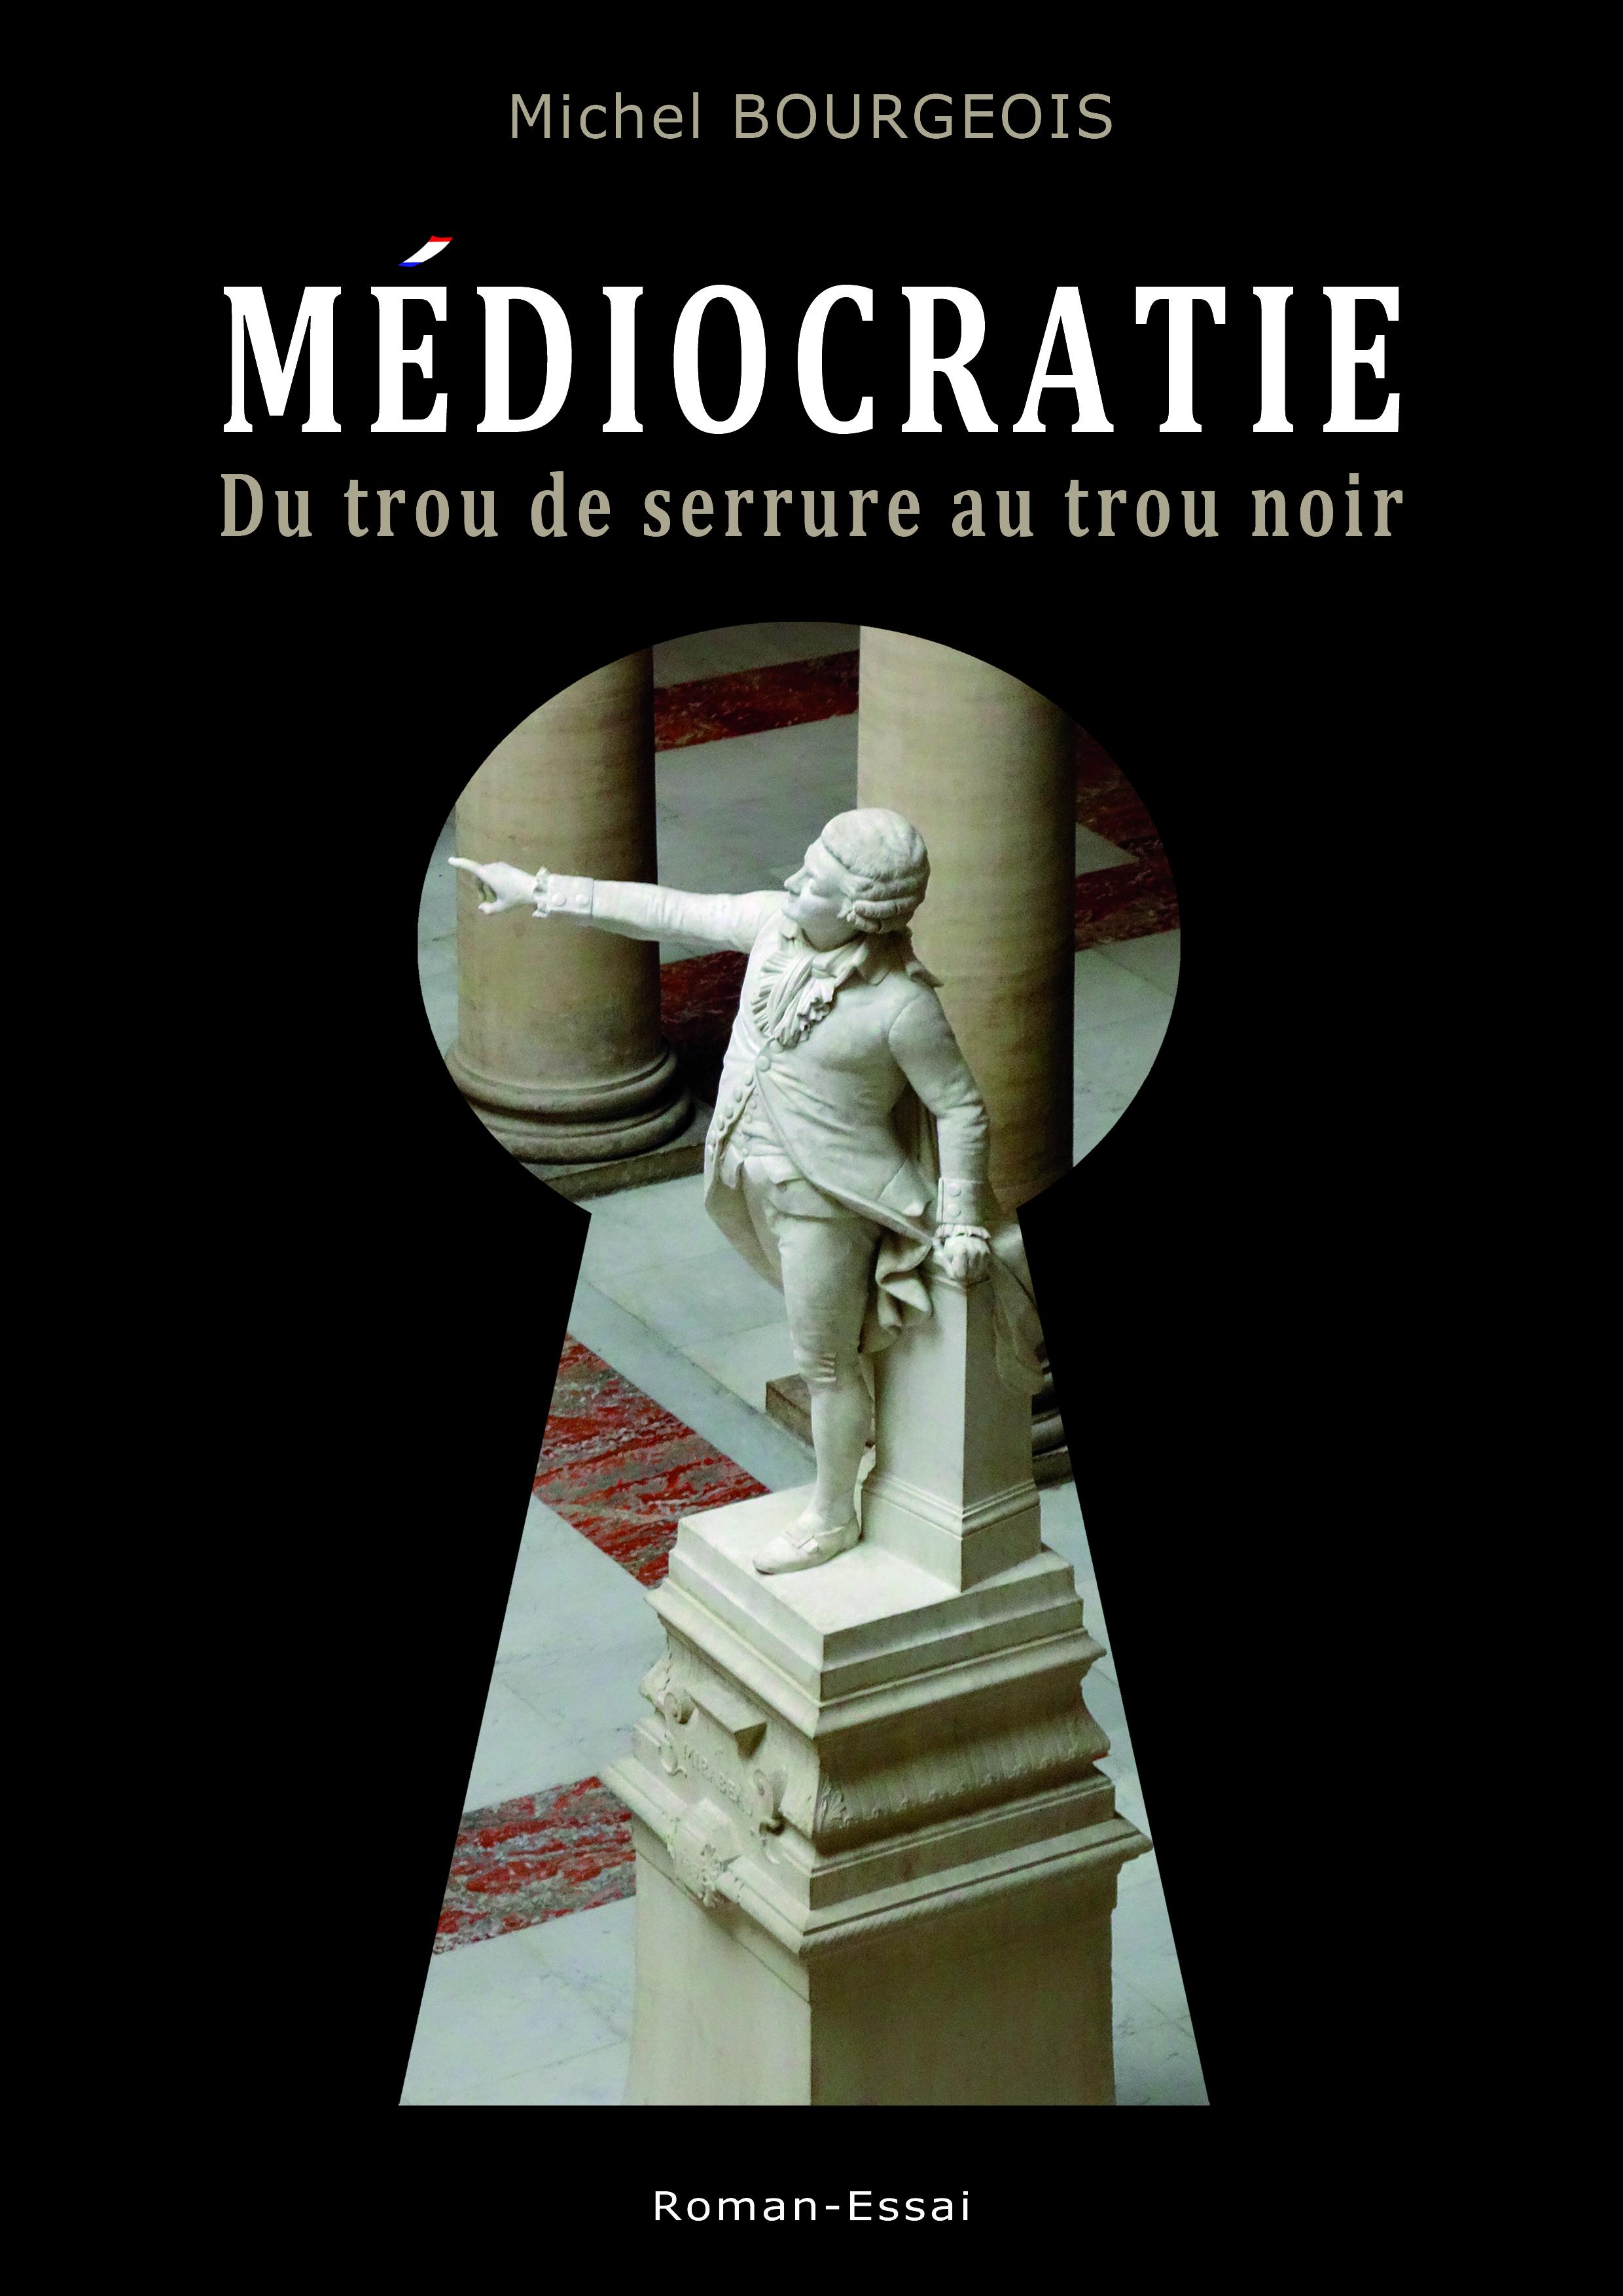 MEDIOCRATIE de Michel Bourgeois